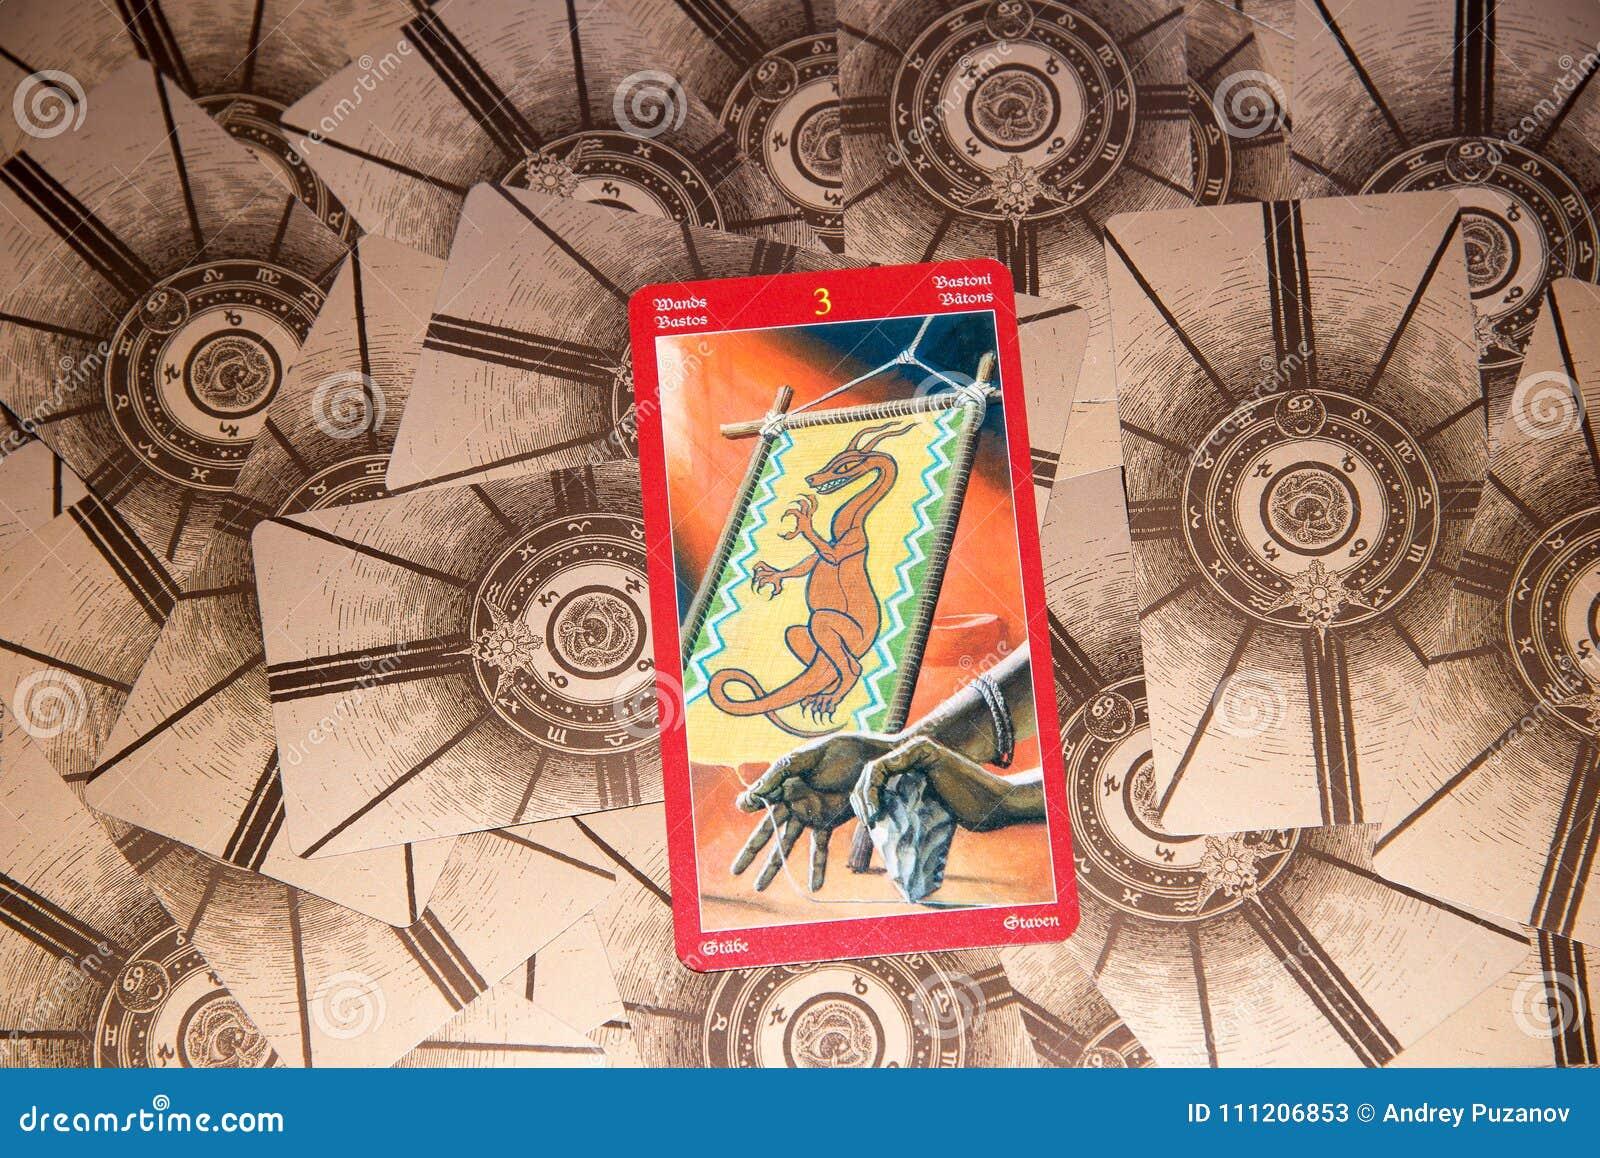 Tarot card Three of Wands. Dragon tarot deck. Esoteric background.